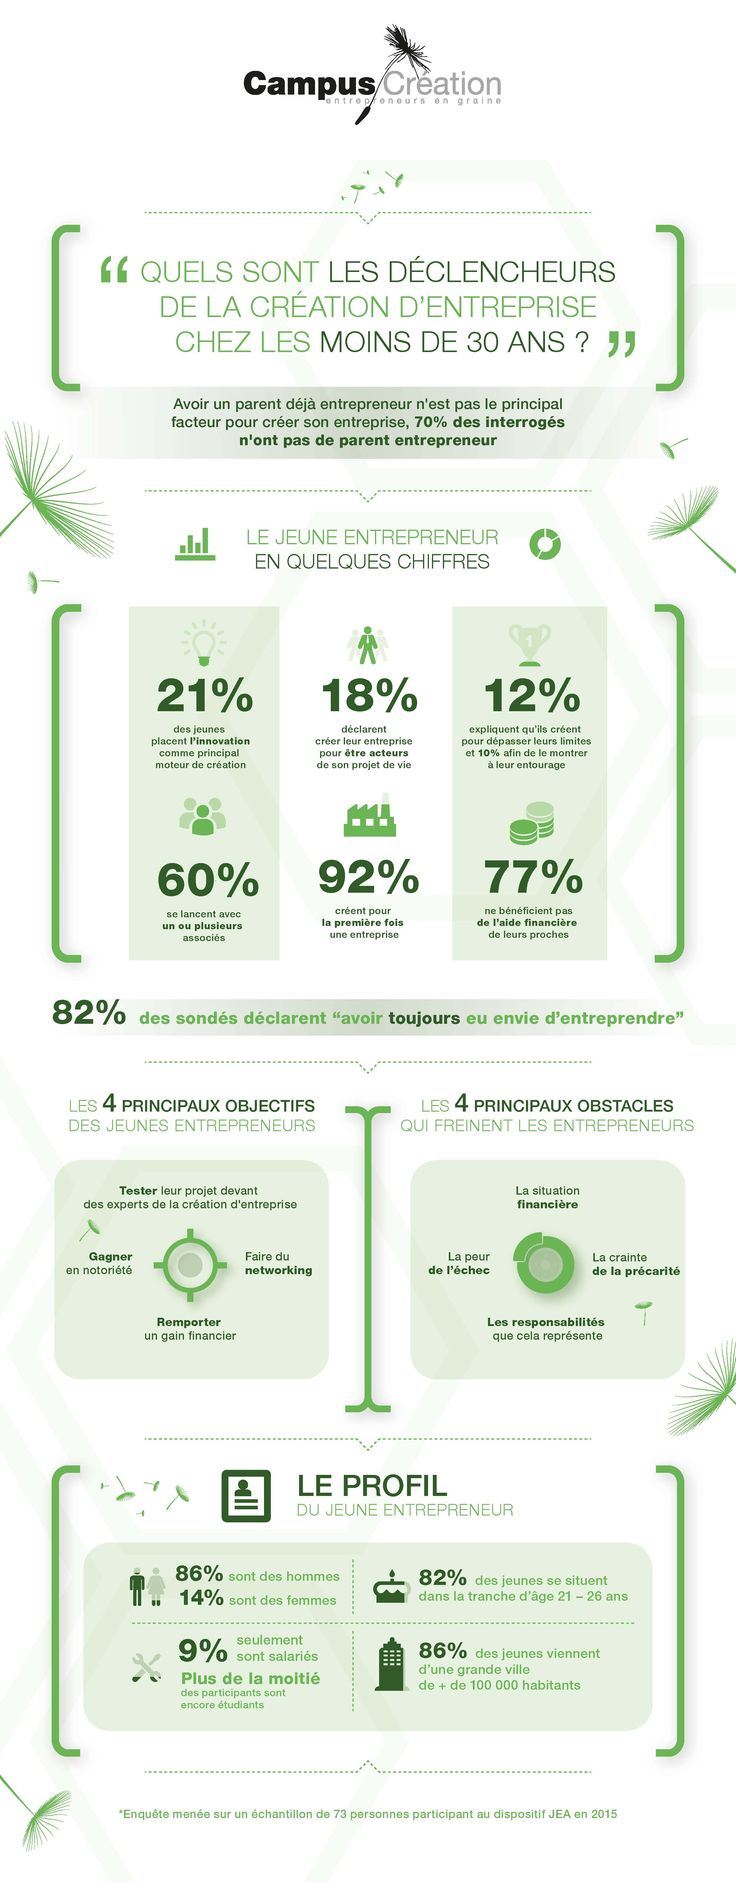 Quels sont les déclencheurs de la création d'entreprise chez les moins de 30 ans en 2015 ? – Entreprendre.fr